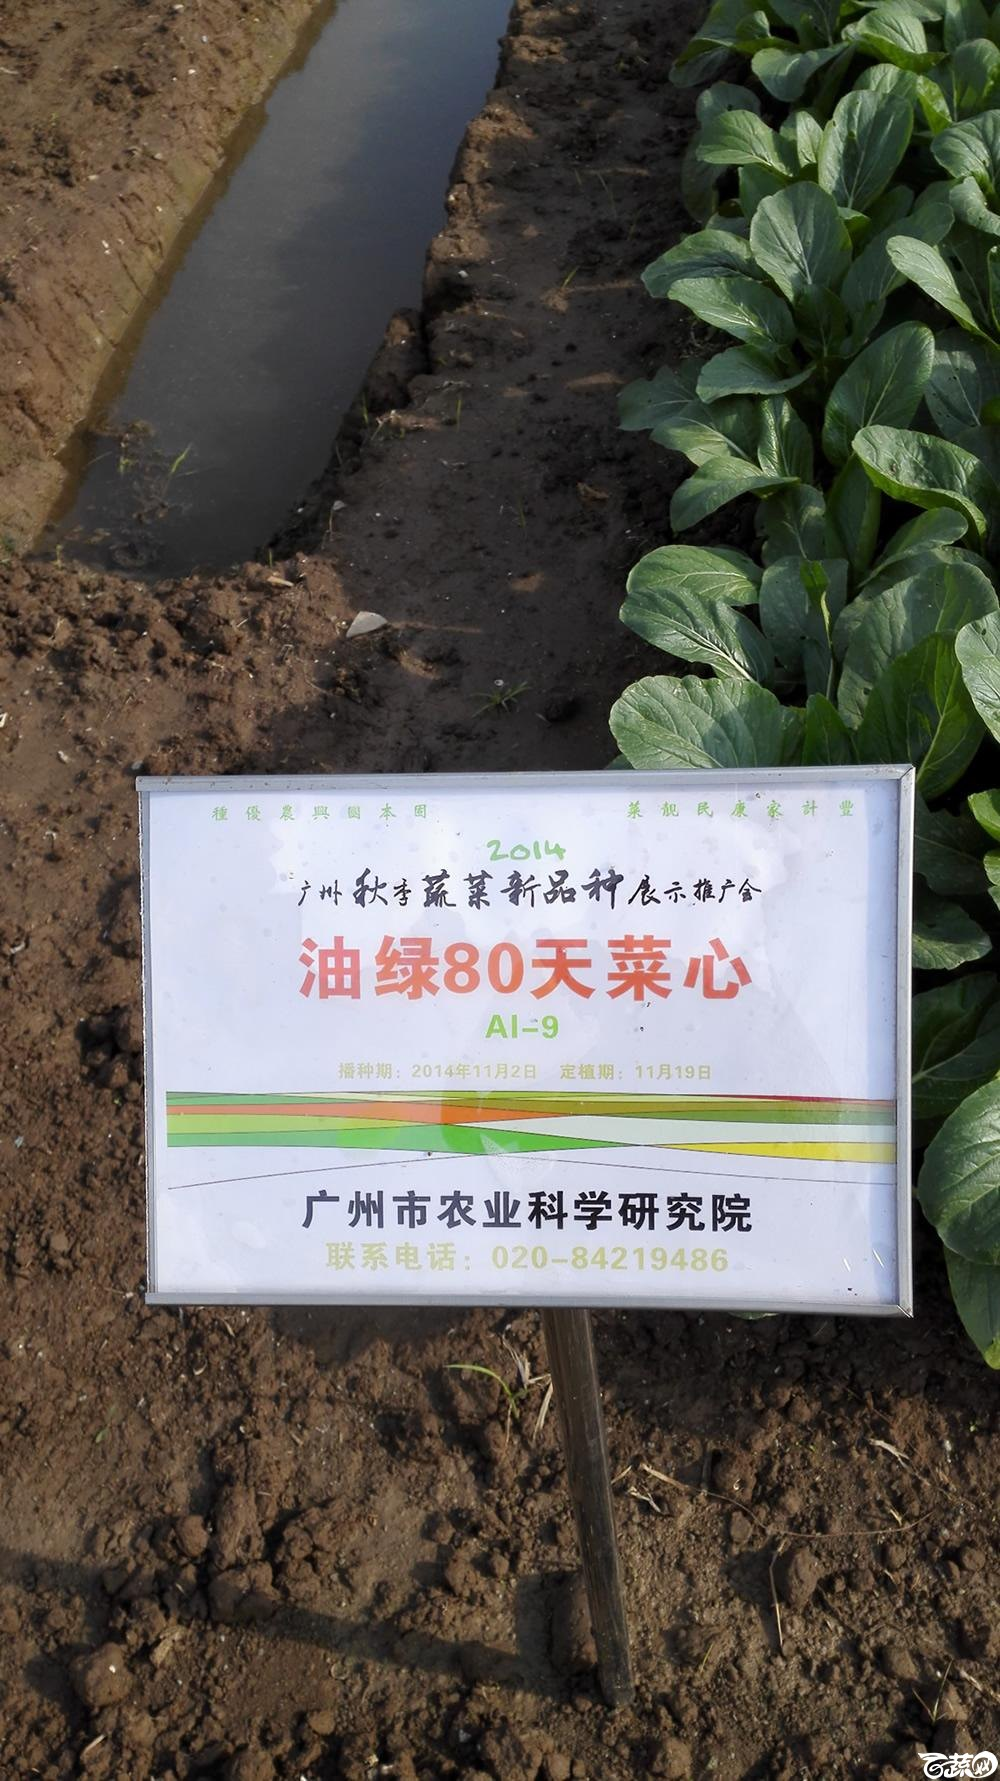 2014年12月10号广州市农科院南沙秋季蔬菜新品种展示会_叶菜_044.jpg